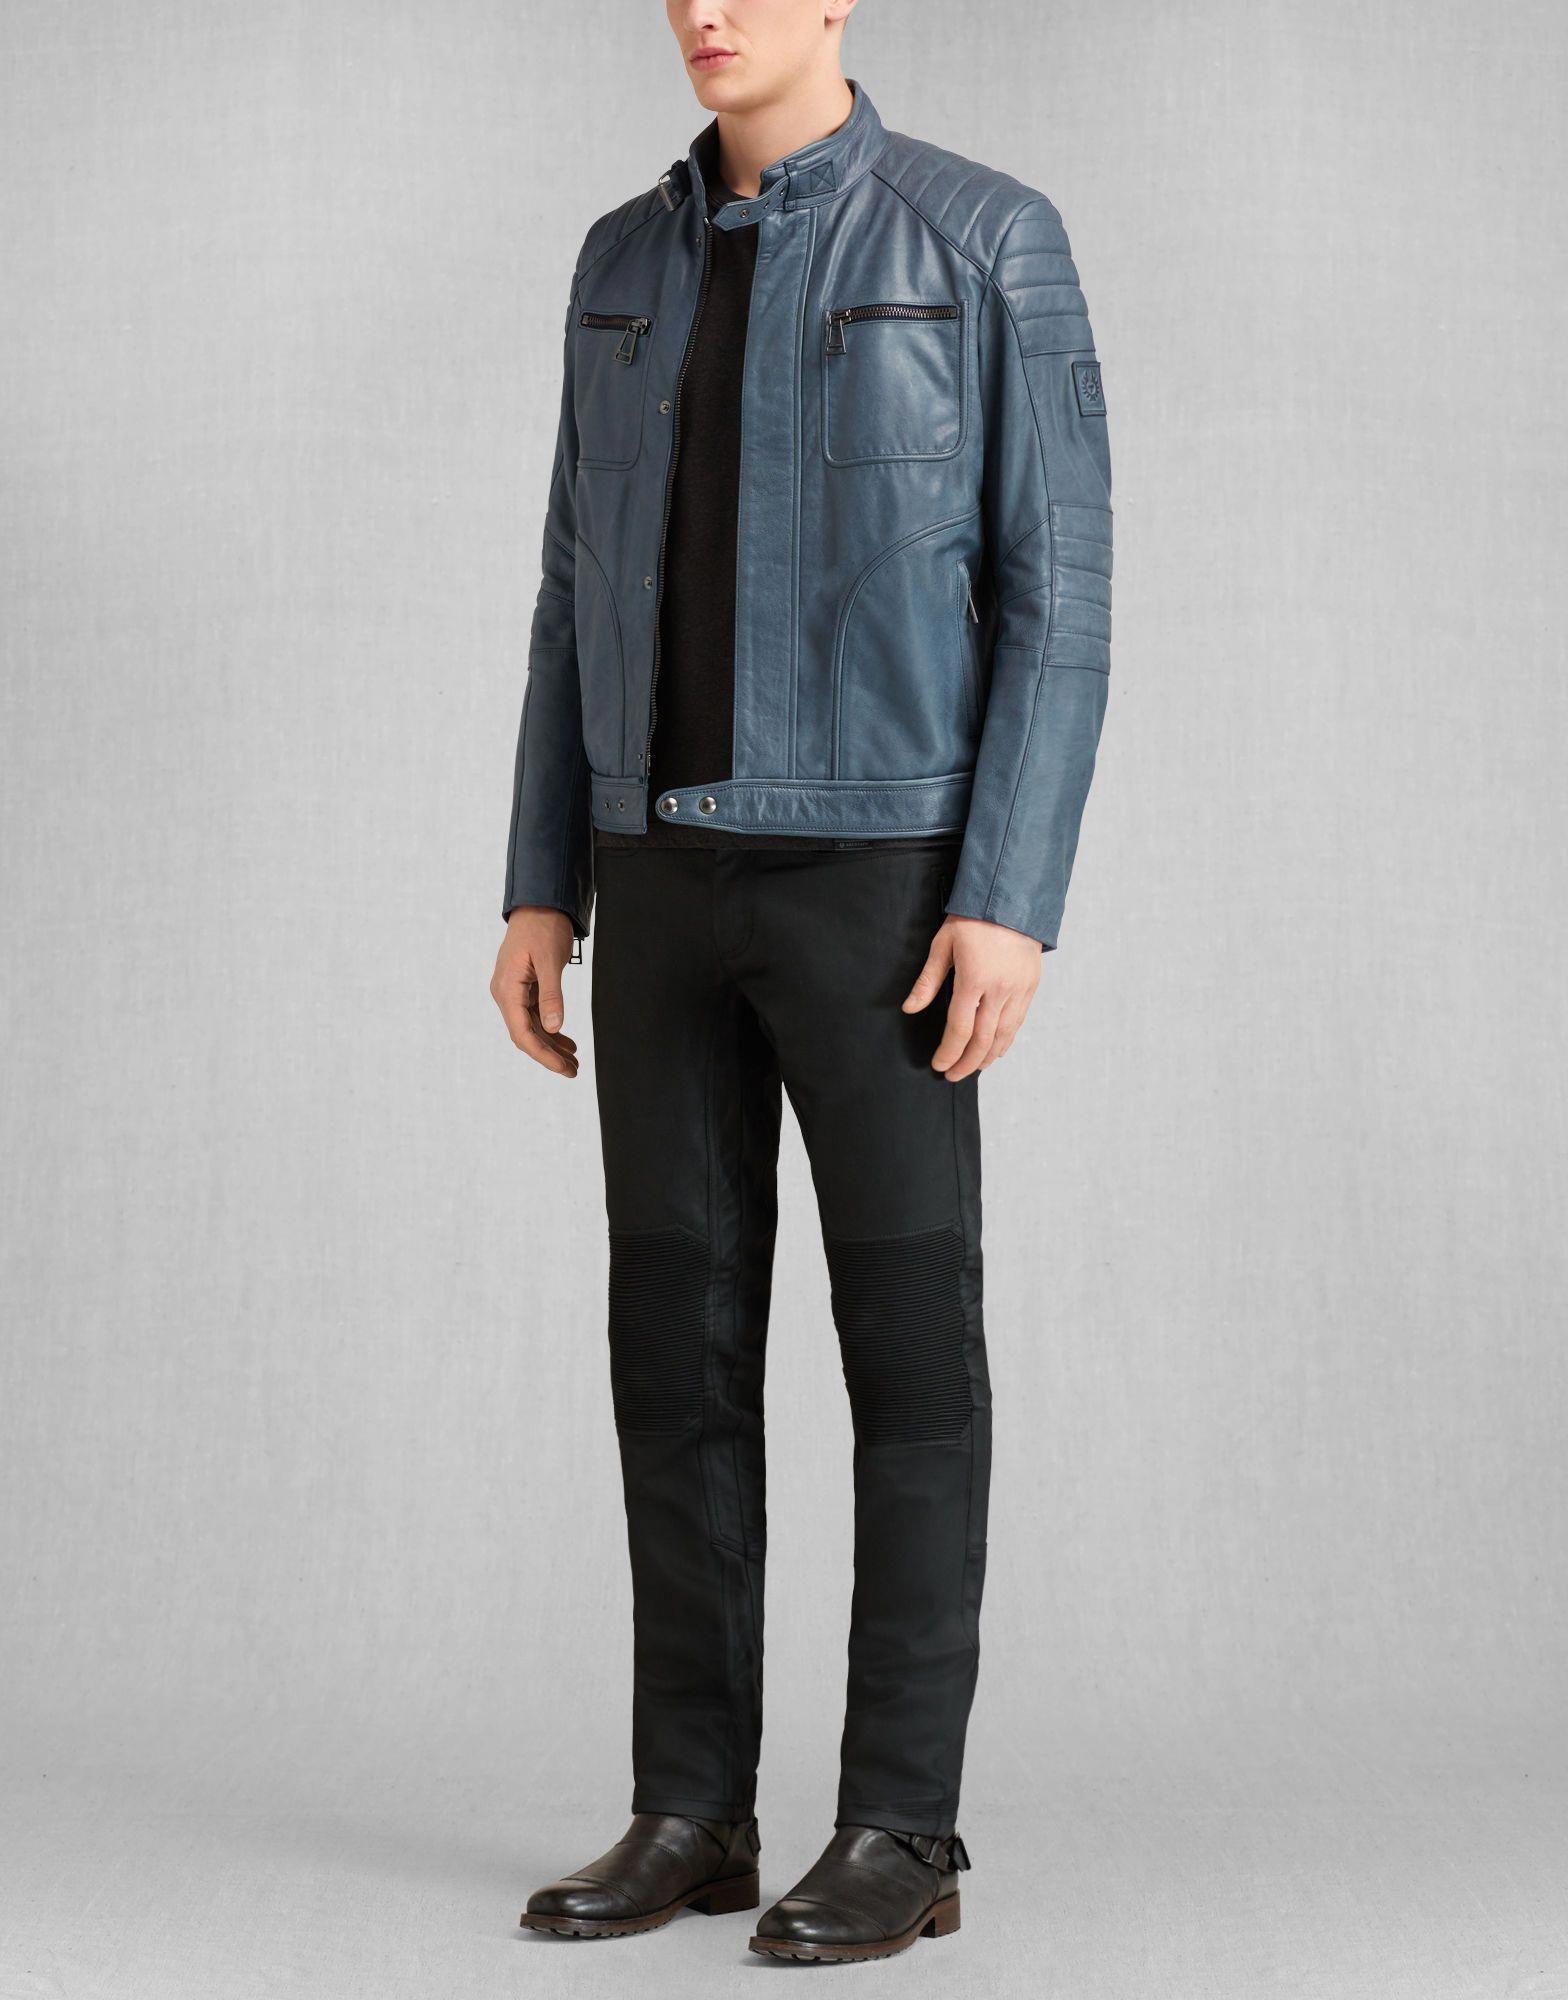 Weybridge Jacket Navy Leather Leather